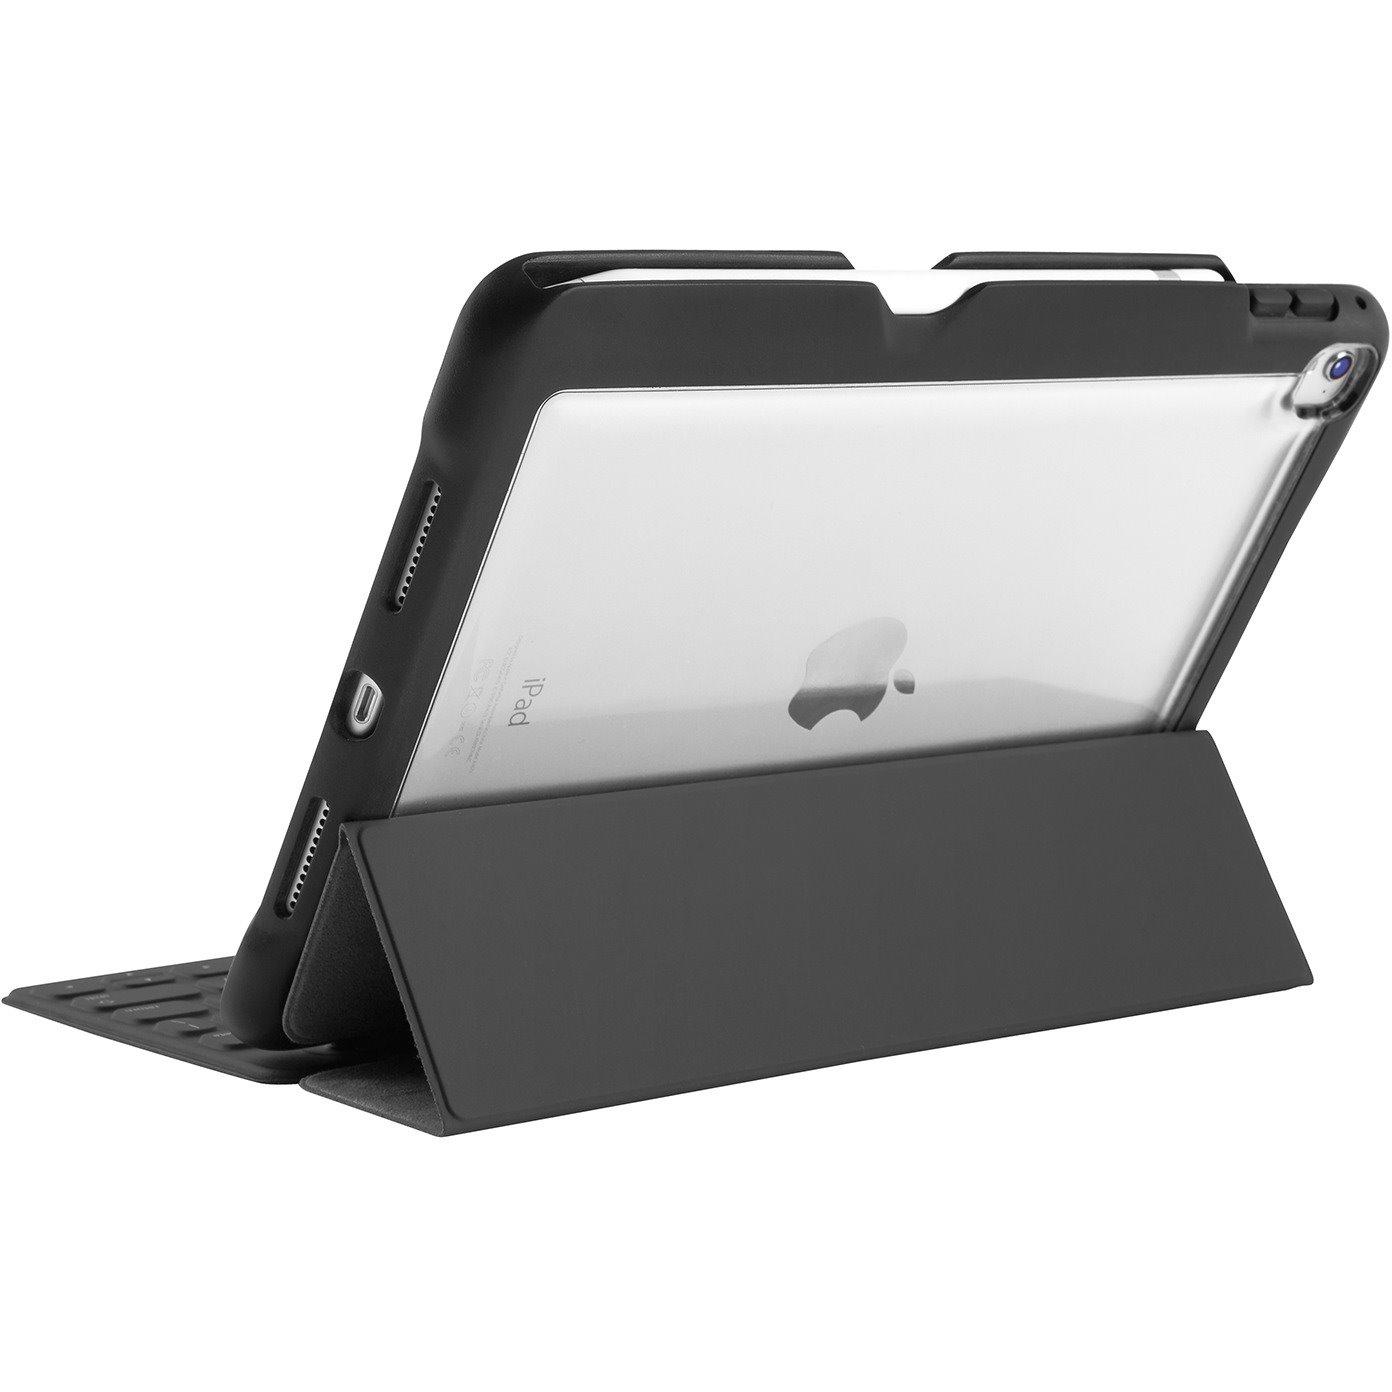 STM Goods dux Case for Apple iPad Pro Tablet - Transparent, Black